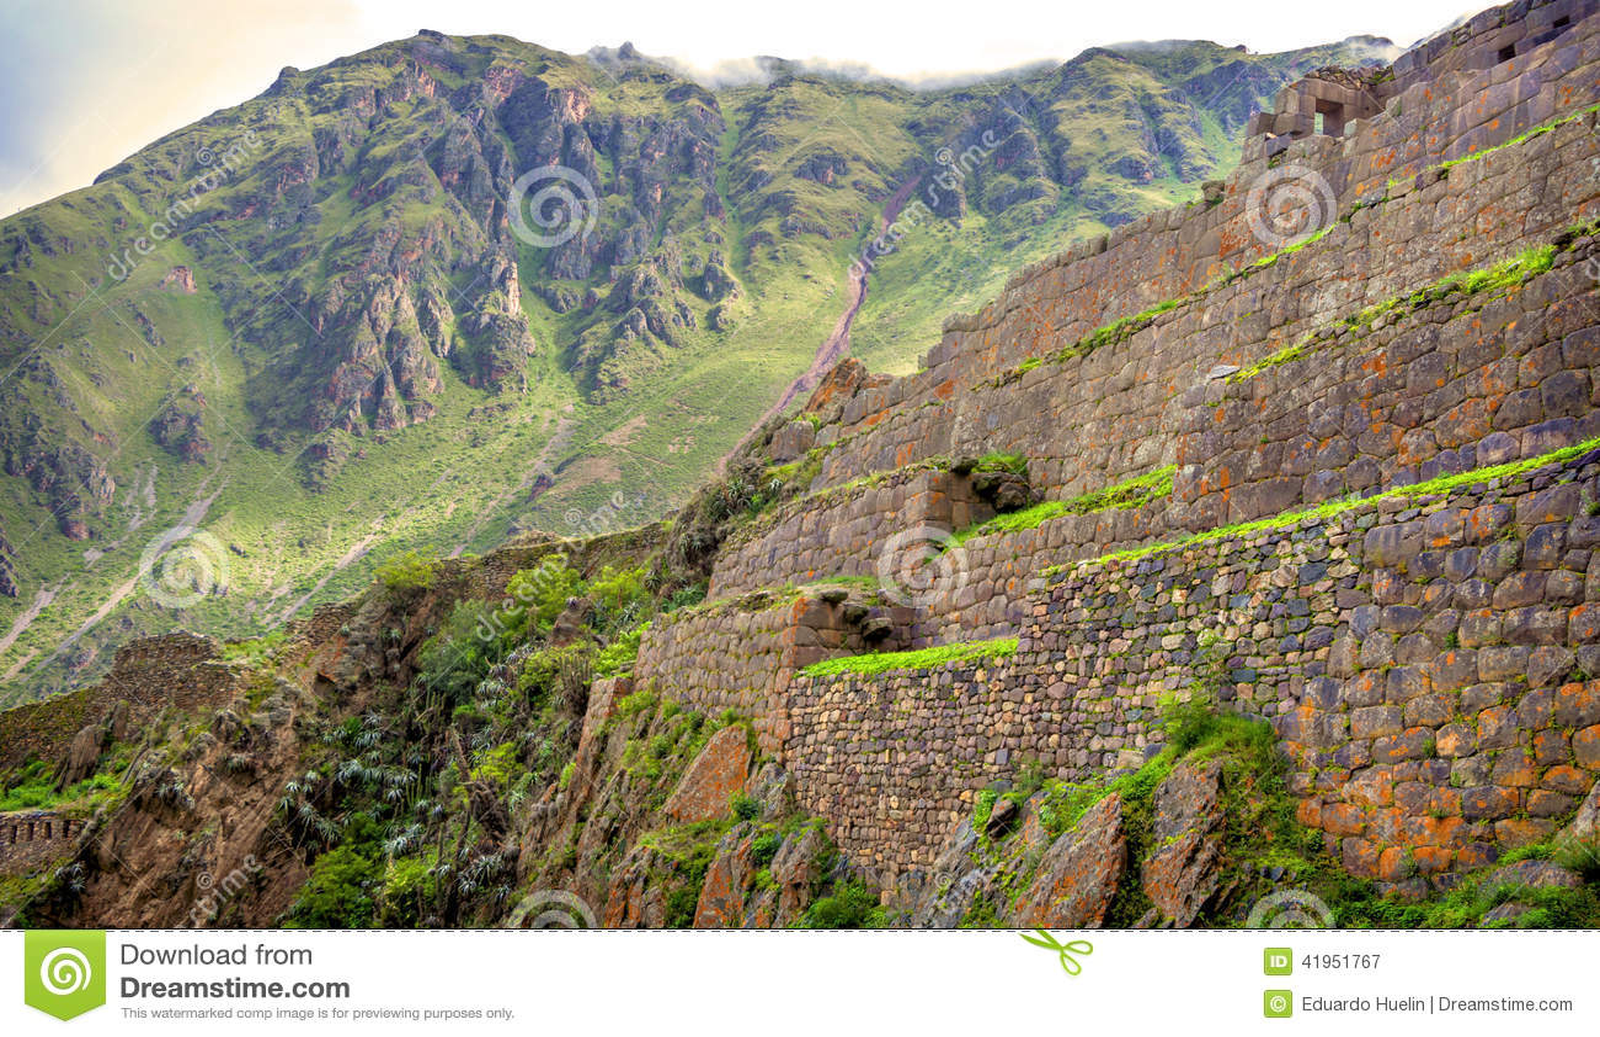 ����y.���,�acz-.y�-yol_ollantaytambo,神圣的谷的老印加人堡垒在库斯科,秘鲁,南美安地斯山.